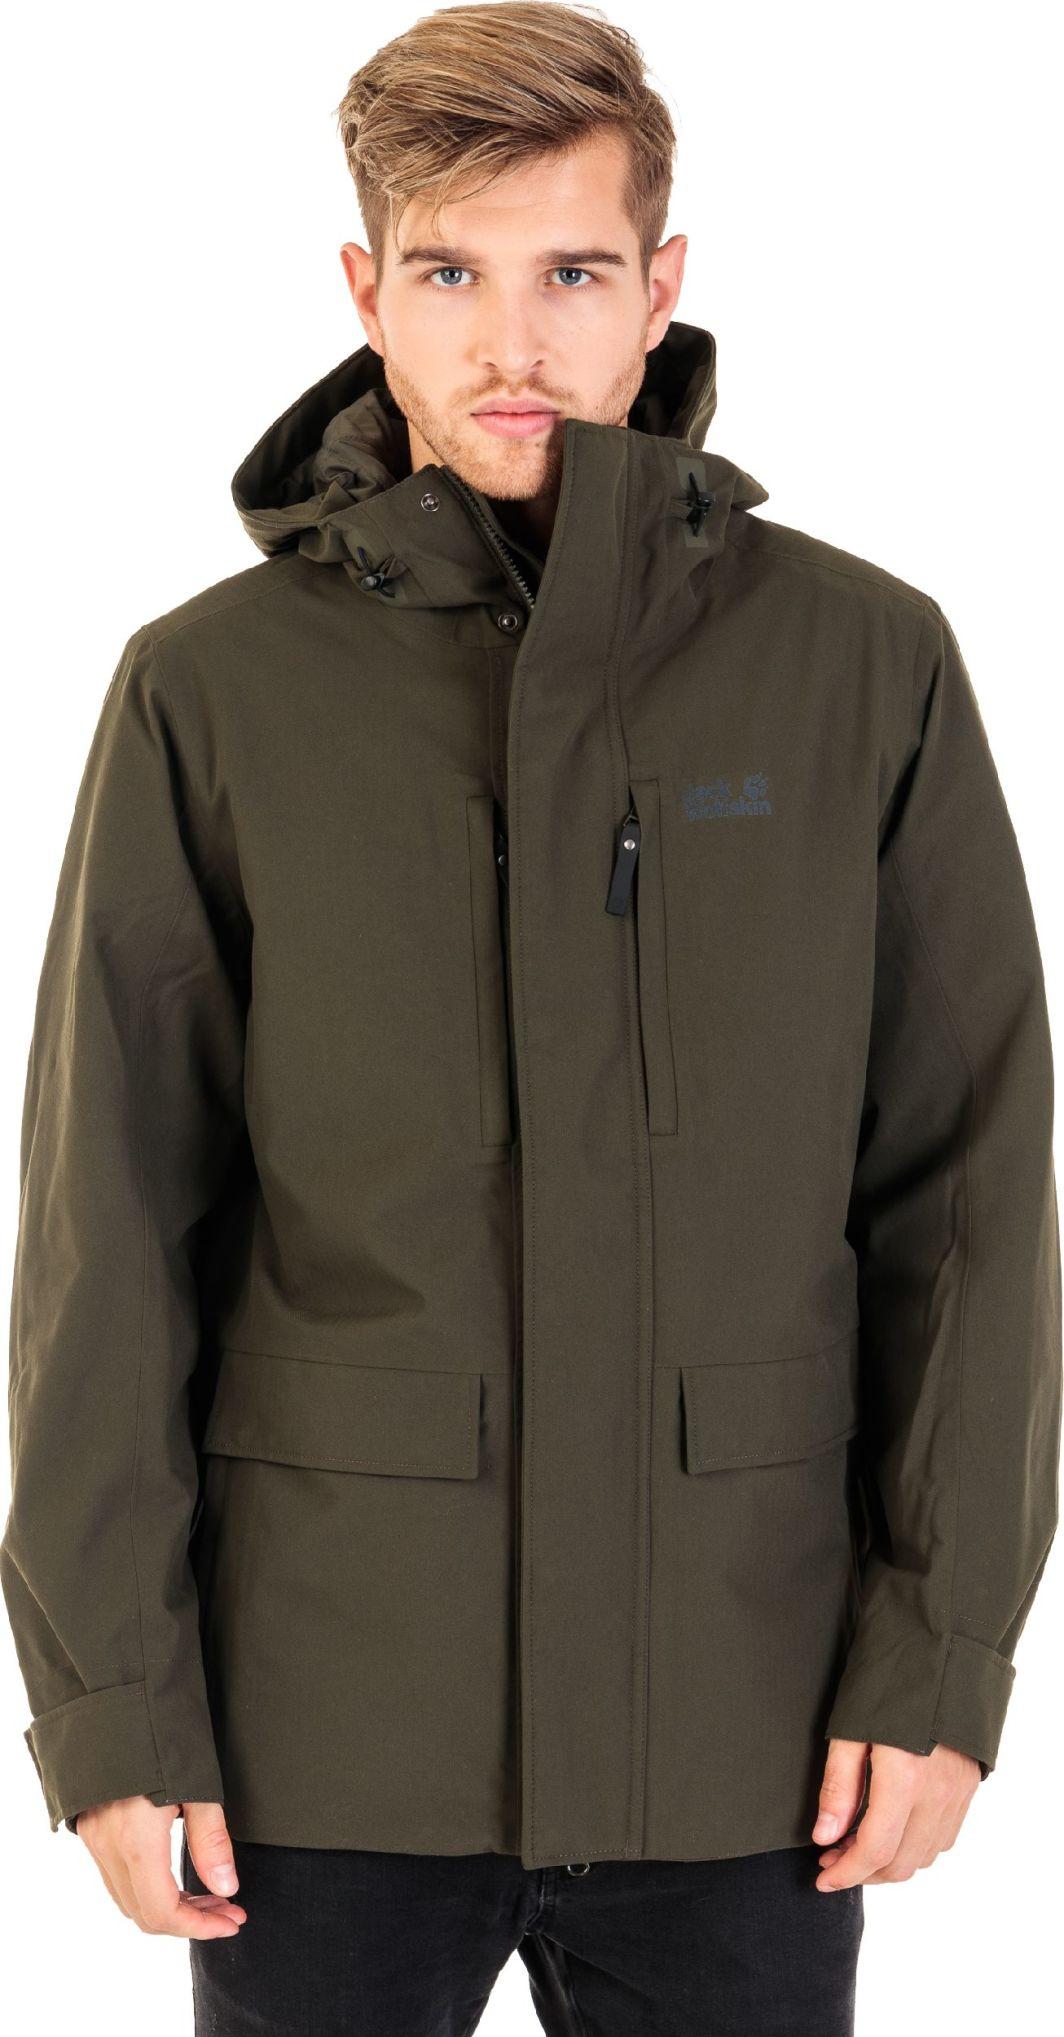 najbardziej popularny produkty wysokiej jakości Cena hurtowa Jack Wolfskin Kurtka hardshell męska West Coast Jacket pinewood r. XL ID  produktu: 4648435